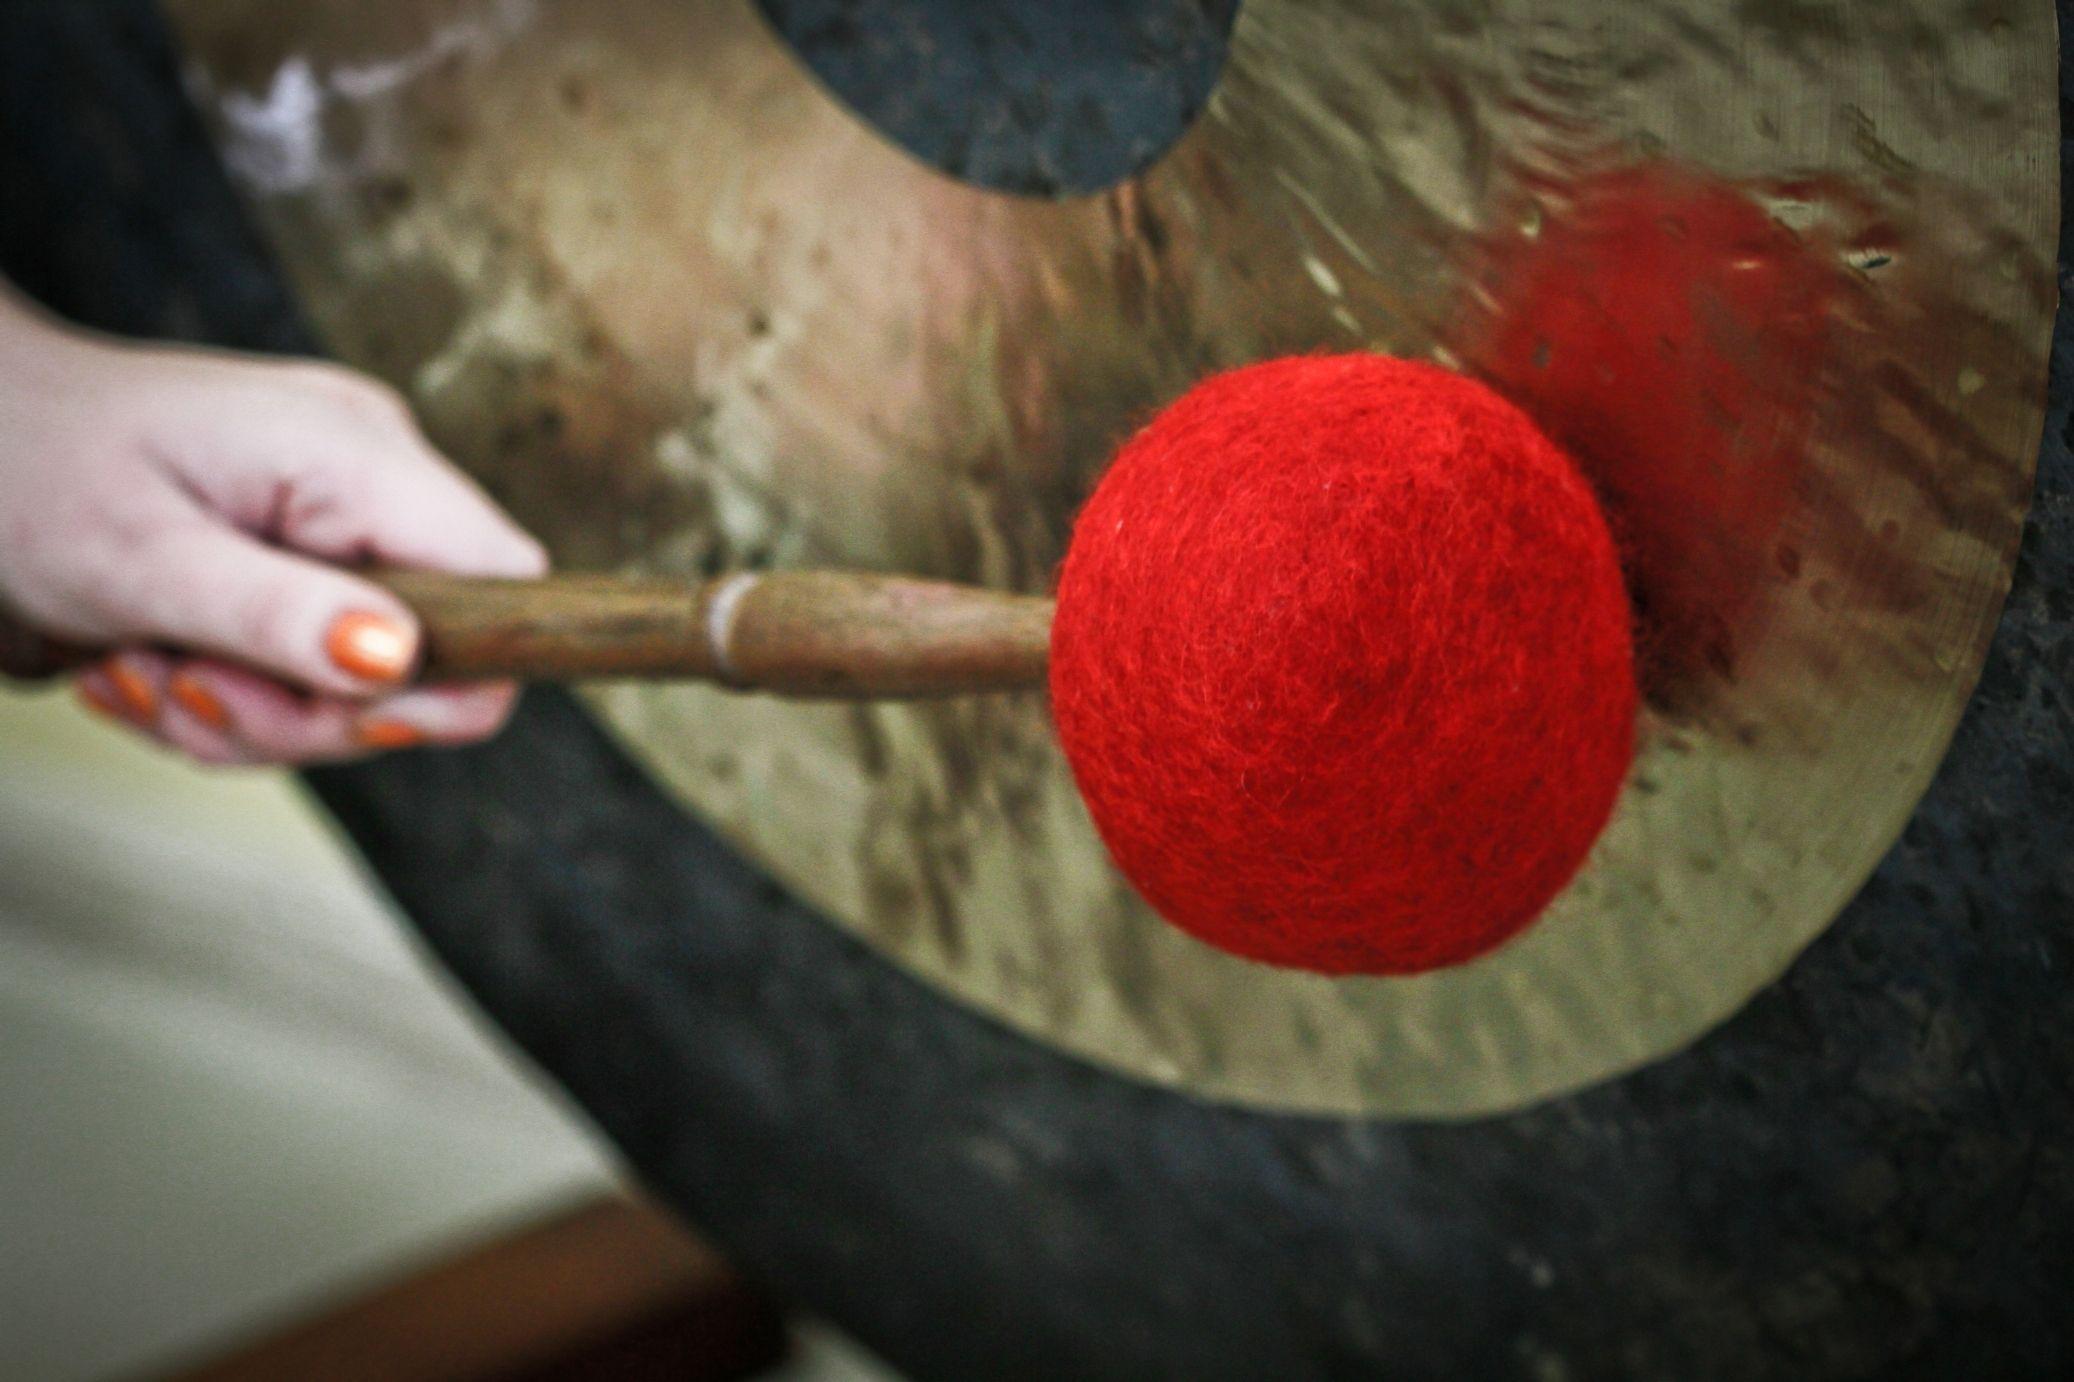 Relaksacja w dźwiękach mis i gongów